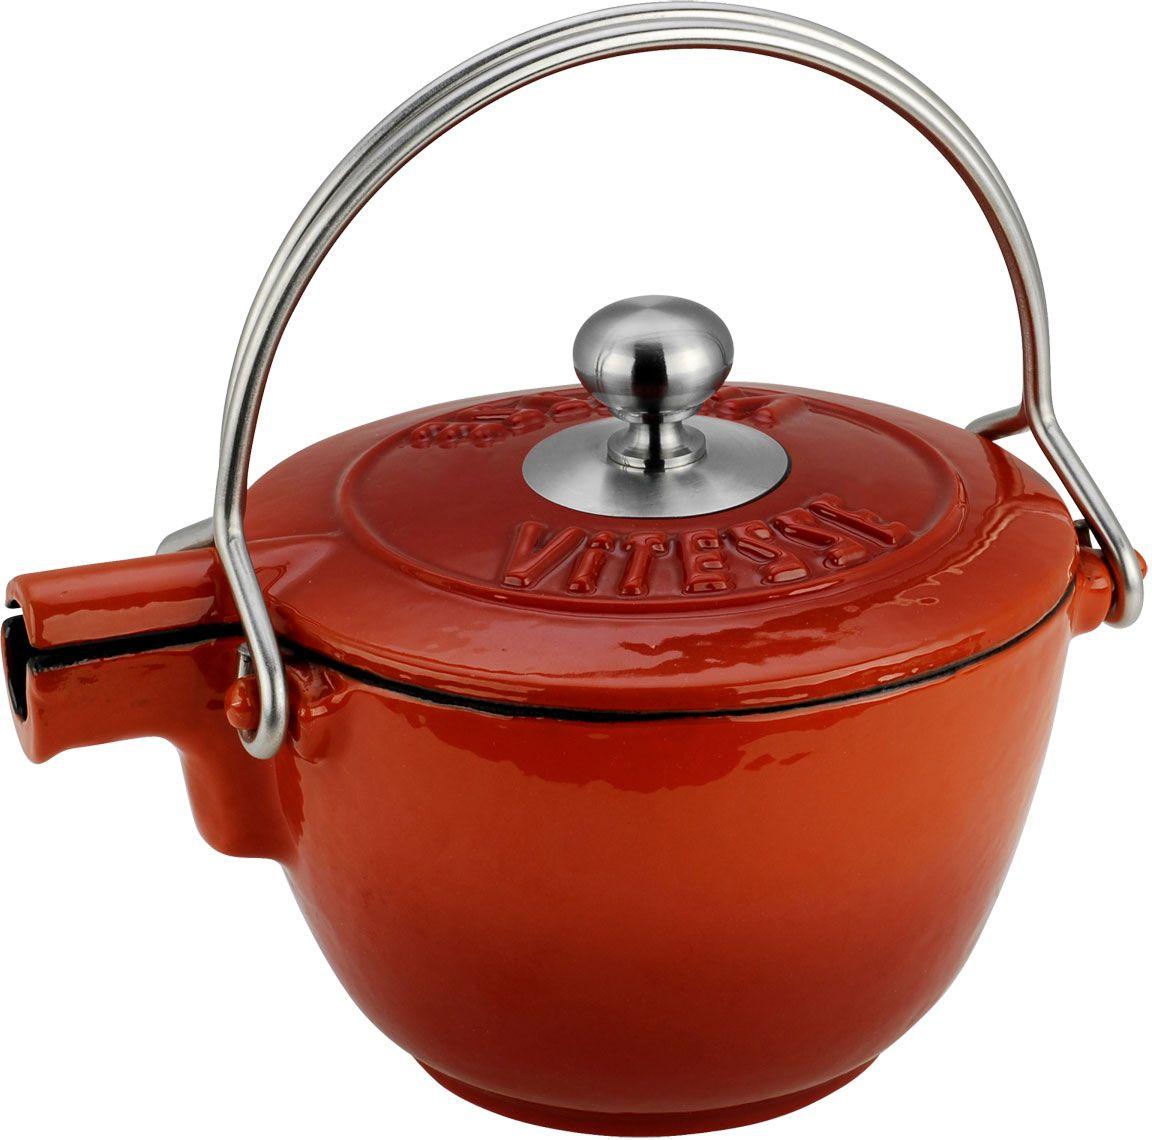 """Заварочный чайник Vitesse """"Ferro"""" изготовлен из чугуна с эмалированной внутренней и внешней  поверхностью. Эмалированный чугун - это железо,  на которое наложено прочное стекловидное эмалевое покрытие. Такая посуда отлично подходит  для приготовления традиционной здоровой пищи.  Чугун является наилучшим материалом, который долго удерживает и равномерно распределяет  тепло. Благодаря особым качествам эмали, чем  дольше вы используете посуду, тем лучше становятся ее эксплуатационные характеристики.  Чугун обладает высокой прочностью,  износоустойчивостью и антикоррозийными свойствами.  Чайник оснащен двумя металлическими ручками и крышкой. Металлическое ситечко на цепочке с  крючком - в комплекте.  Можно готовить на газовых, электрических, стеклокерамических, галогенных, индукционных  плитах. Подходит для мытья в посудомоечной  машине. Высота чайника (без учета ручки и крышки): 10,5 см.  Диаметр чайника (по верхнему краю): 15,5 см.  Диаметр ситечка: 6 см."""